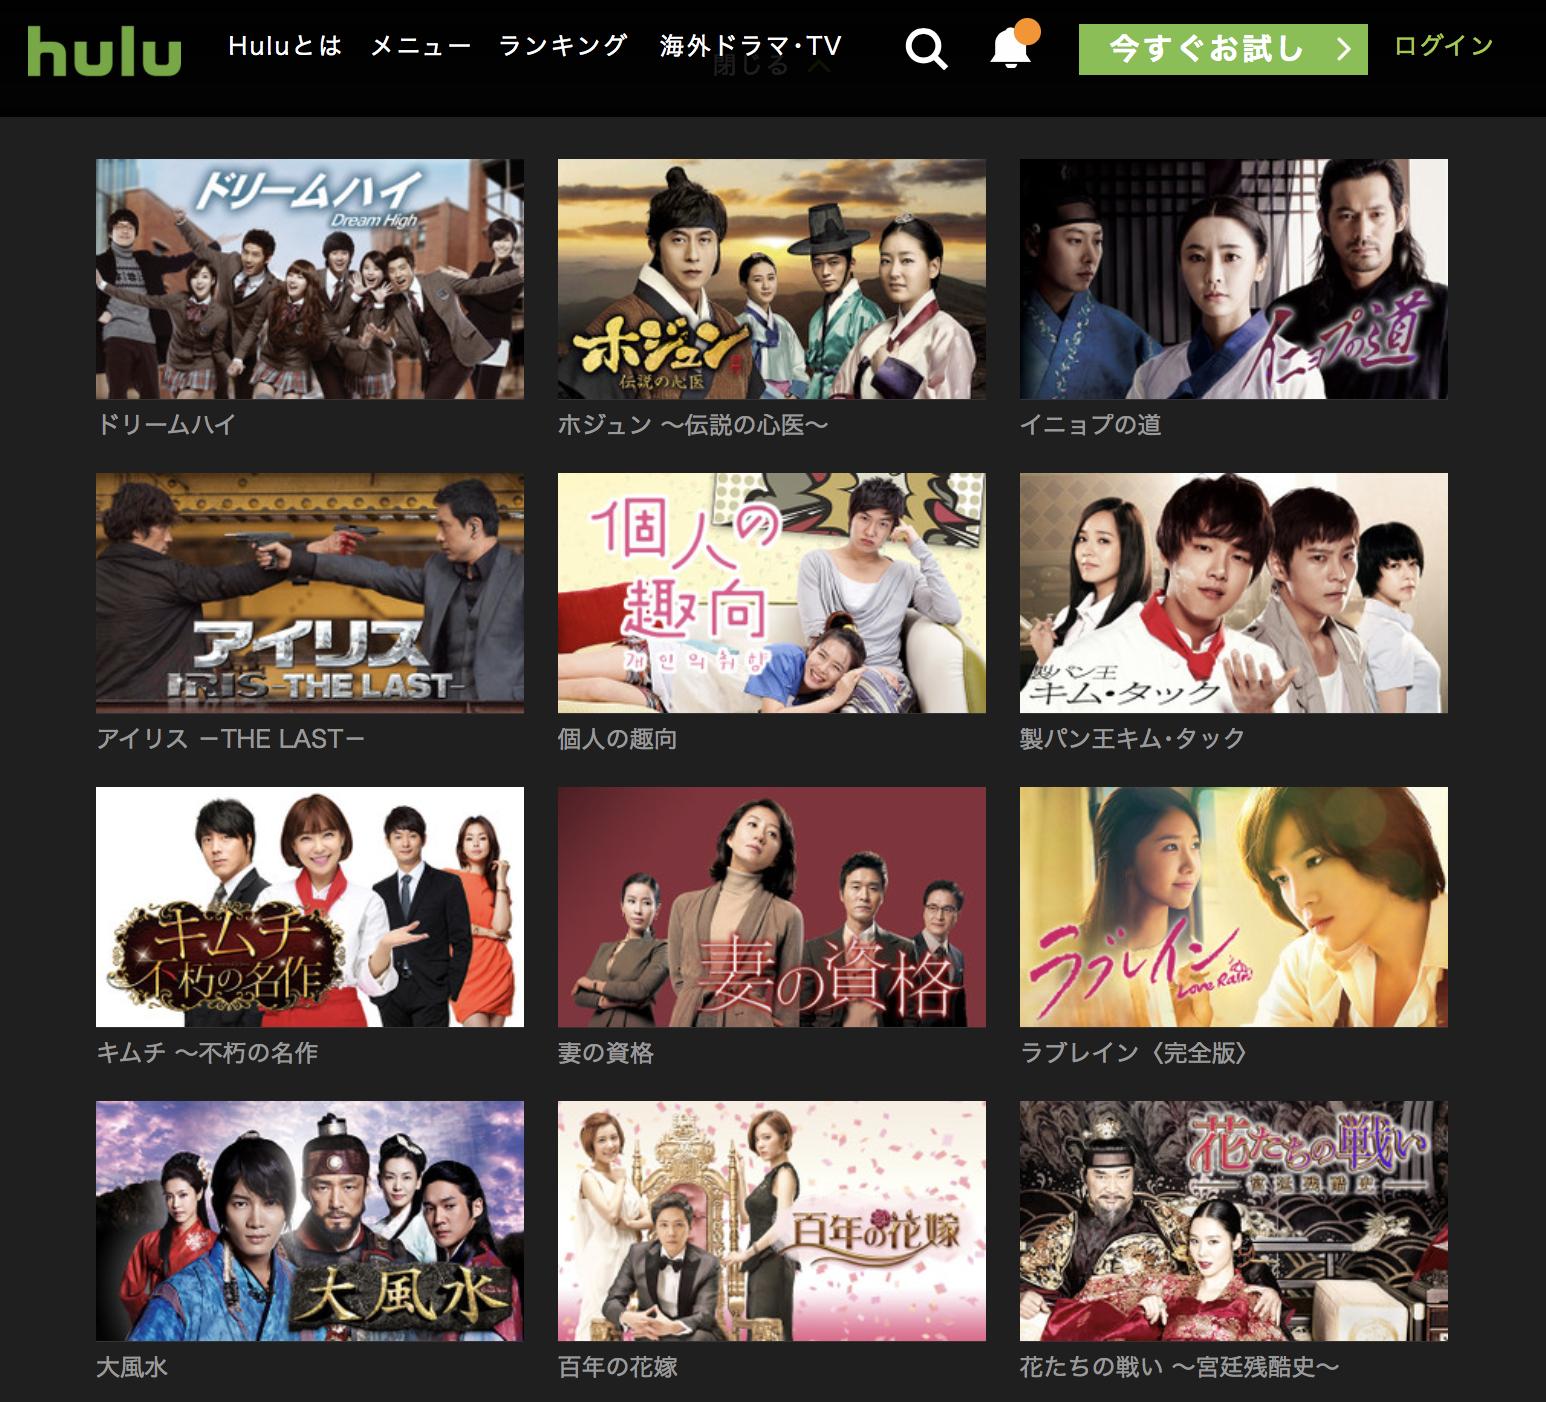 Huluの韓国(韓流)ドラマでおすすめの人気ランキングとは?